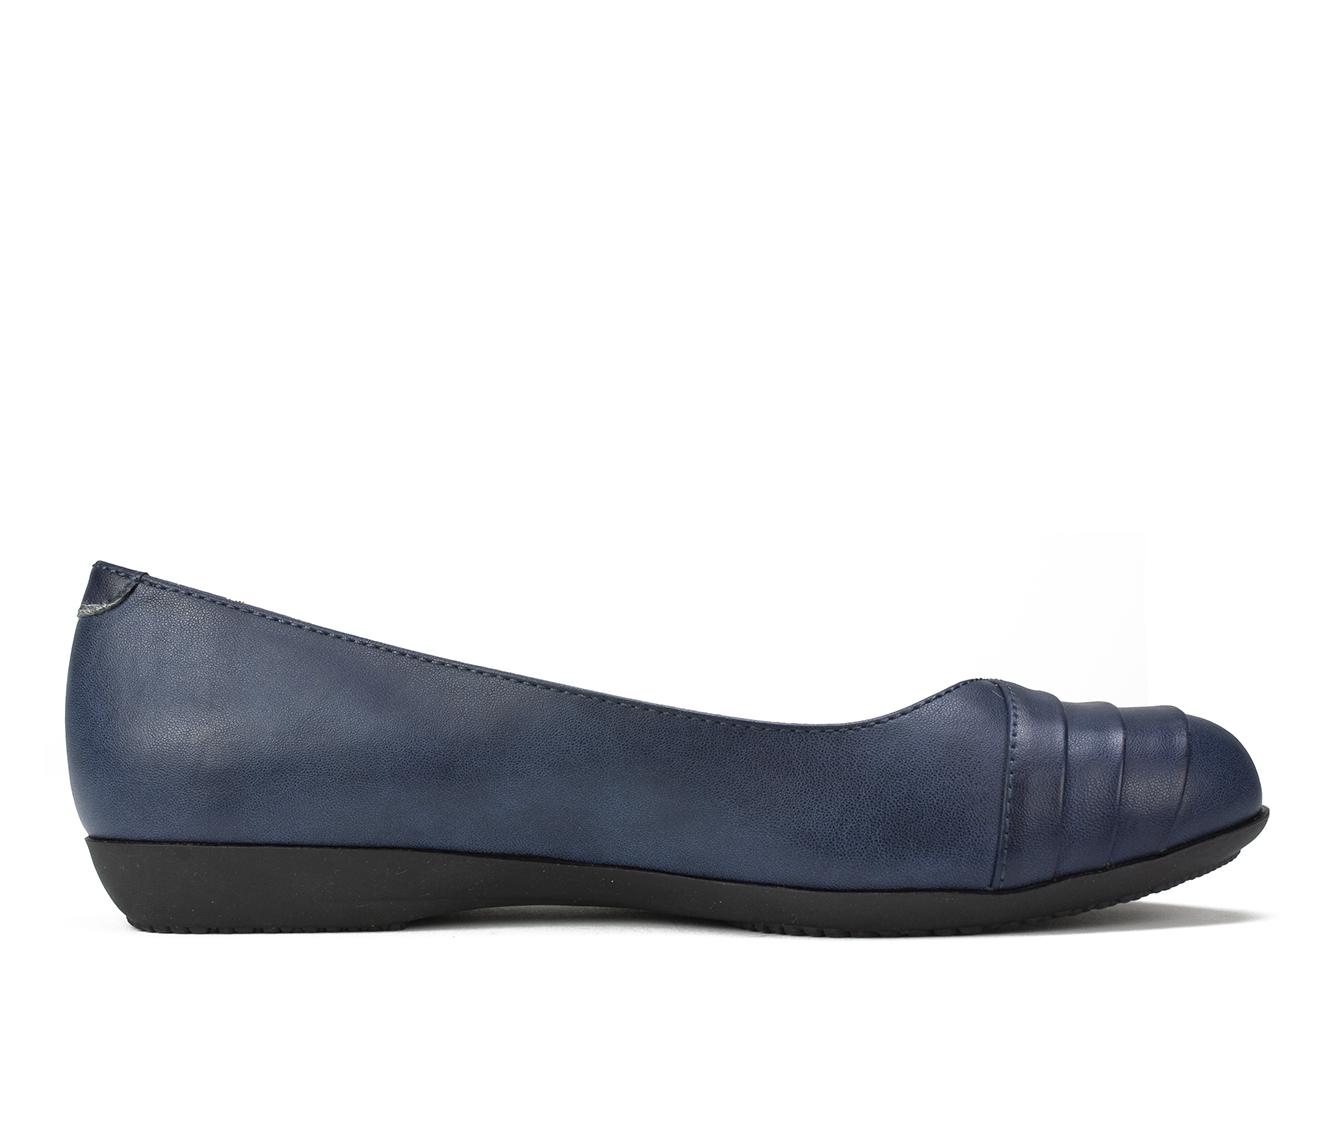 Cliffs Clara Women's Shoe (Blue Faux Leather)